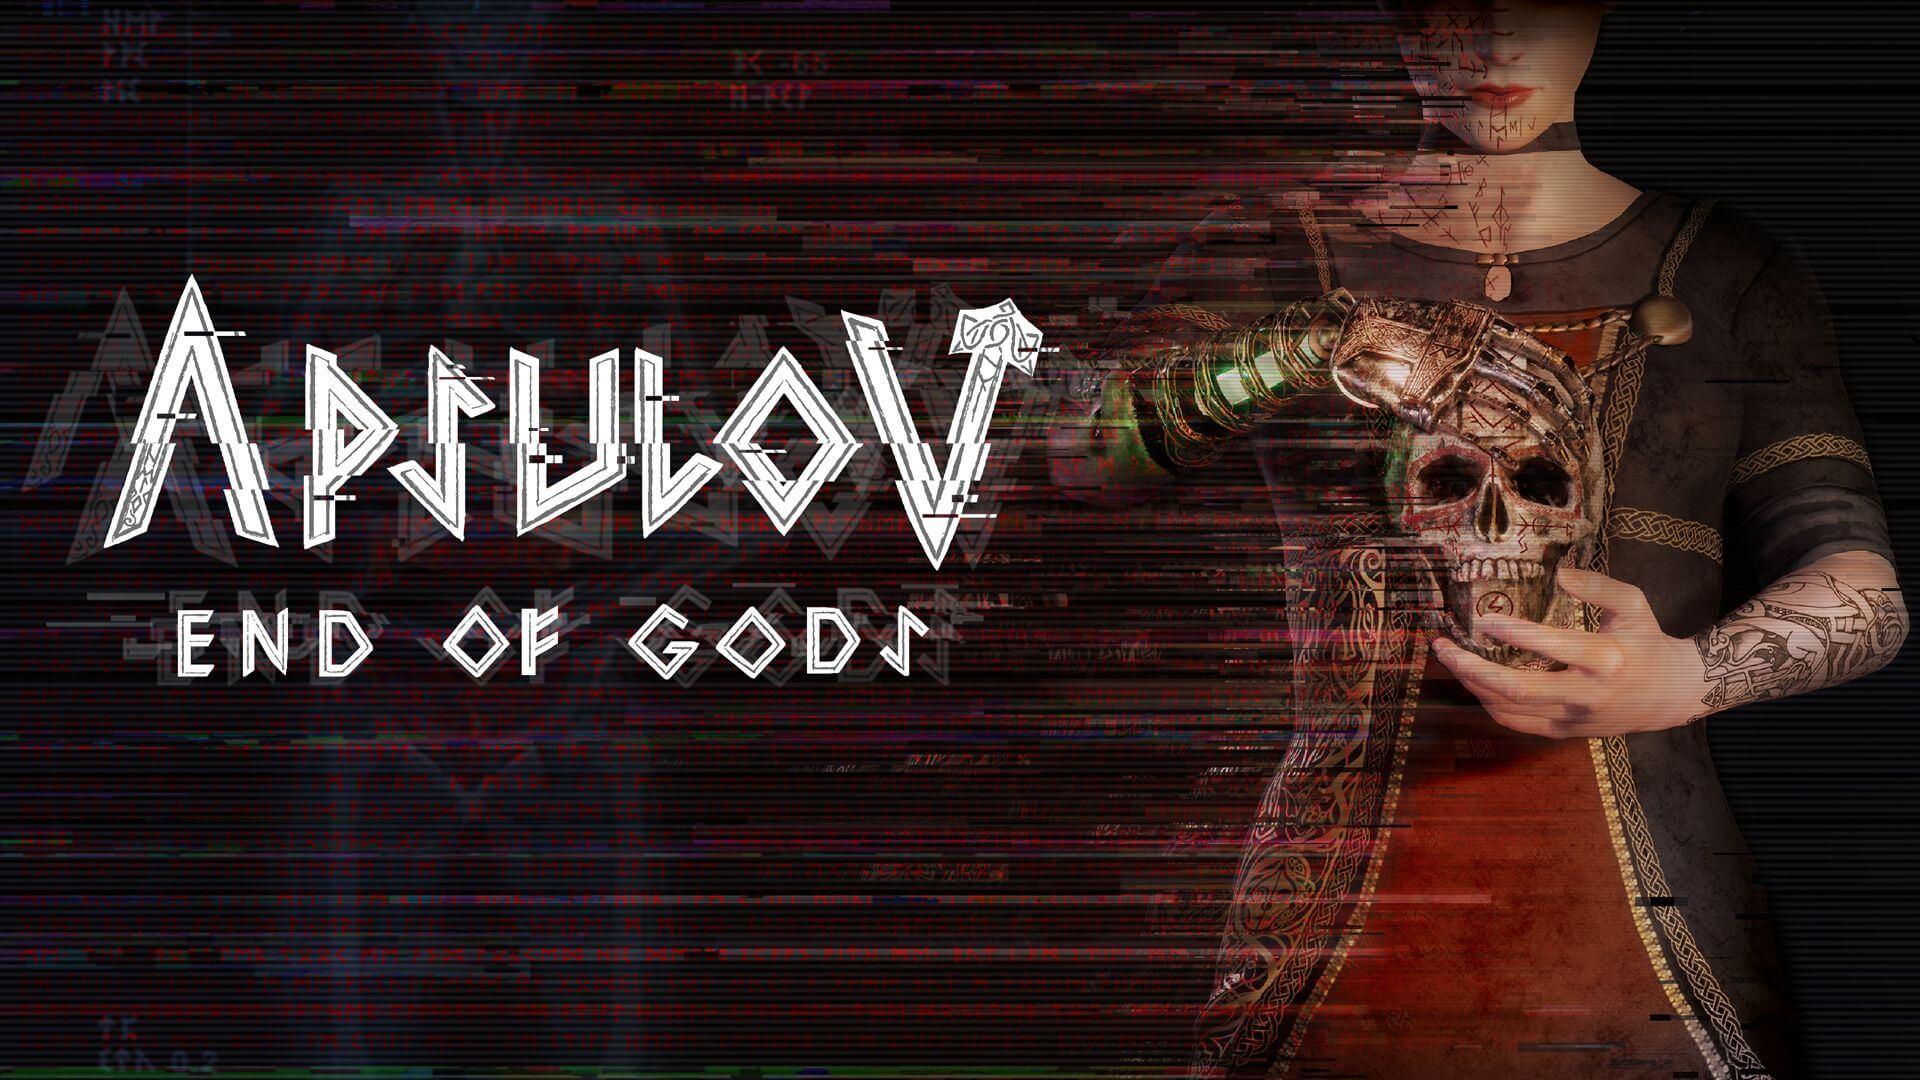 Apsulov: End of Gods Art